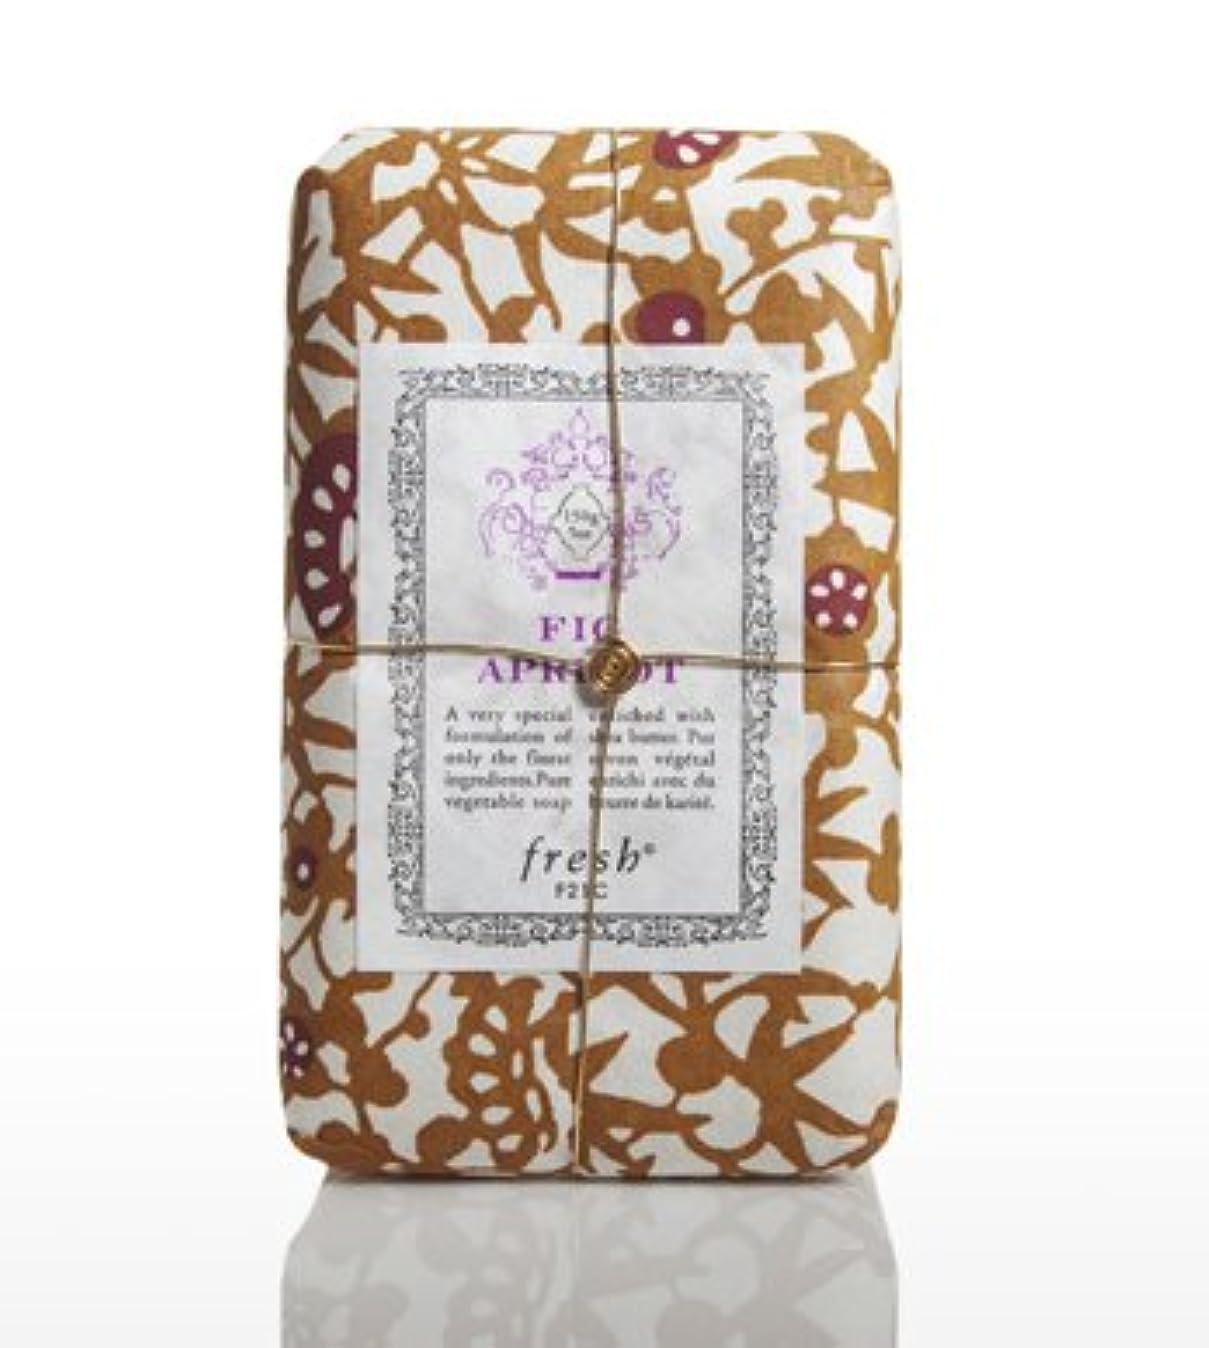 ラッチ包囲用心Fresh FIG APRICOT SOAP(フレッシュ フィグアプリコット ソープ) 5.0 oz (150gl) 石鹸 by Fresh